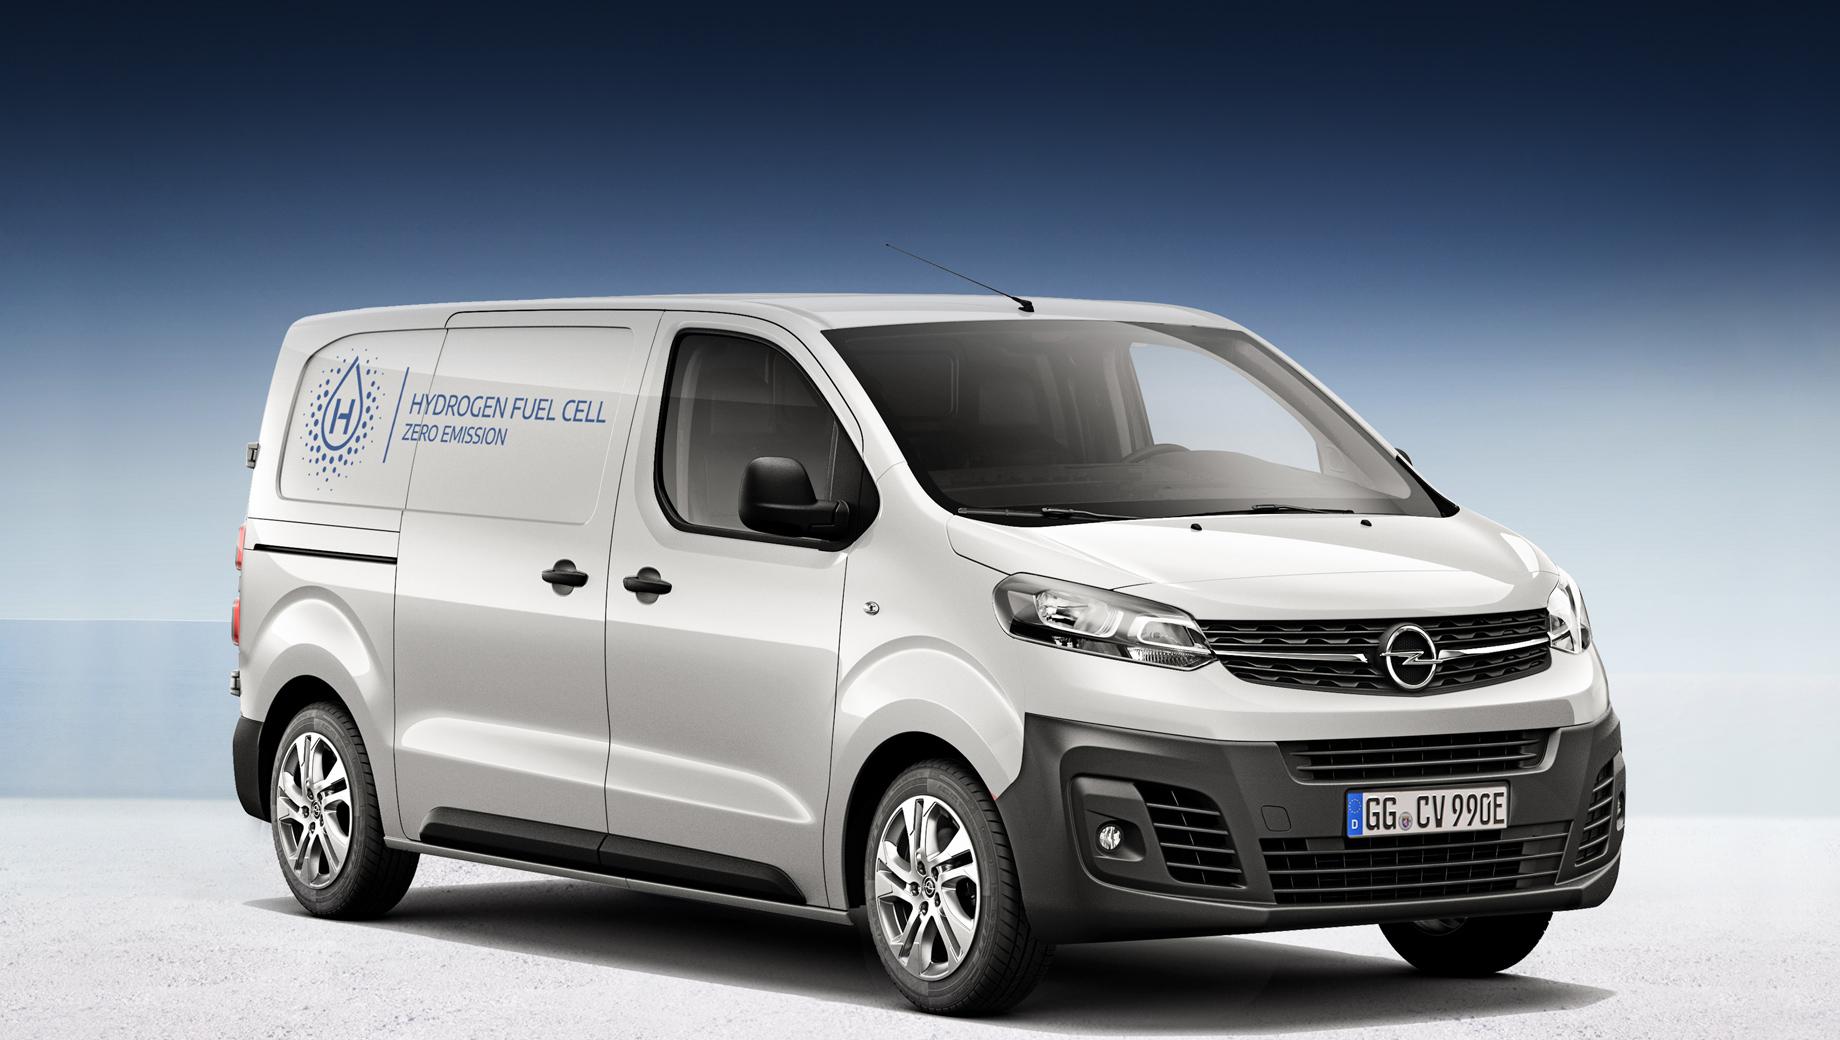 Opel vivaro,Opel vivaro-e hydrogen. Водородный Vivaro не уступает собратьям в объёме грузового отсека (5,3–6,1 м³ при длине кузова 4,95 или 5,3 м), а грузоподъёмность составляет 1100 кг (на 90–170 кг больше, чем у Vivaro-e аналогичного размера).